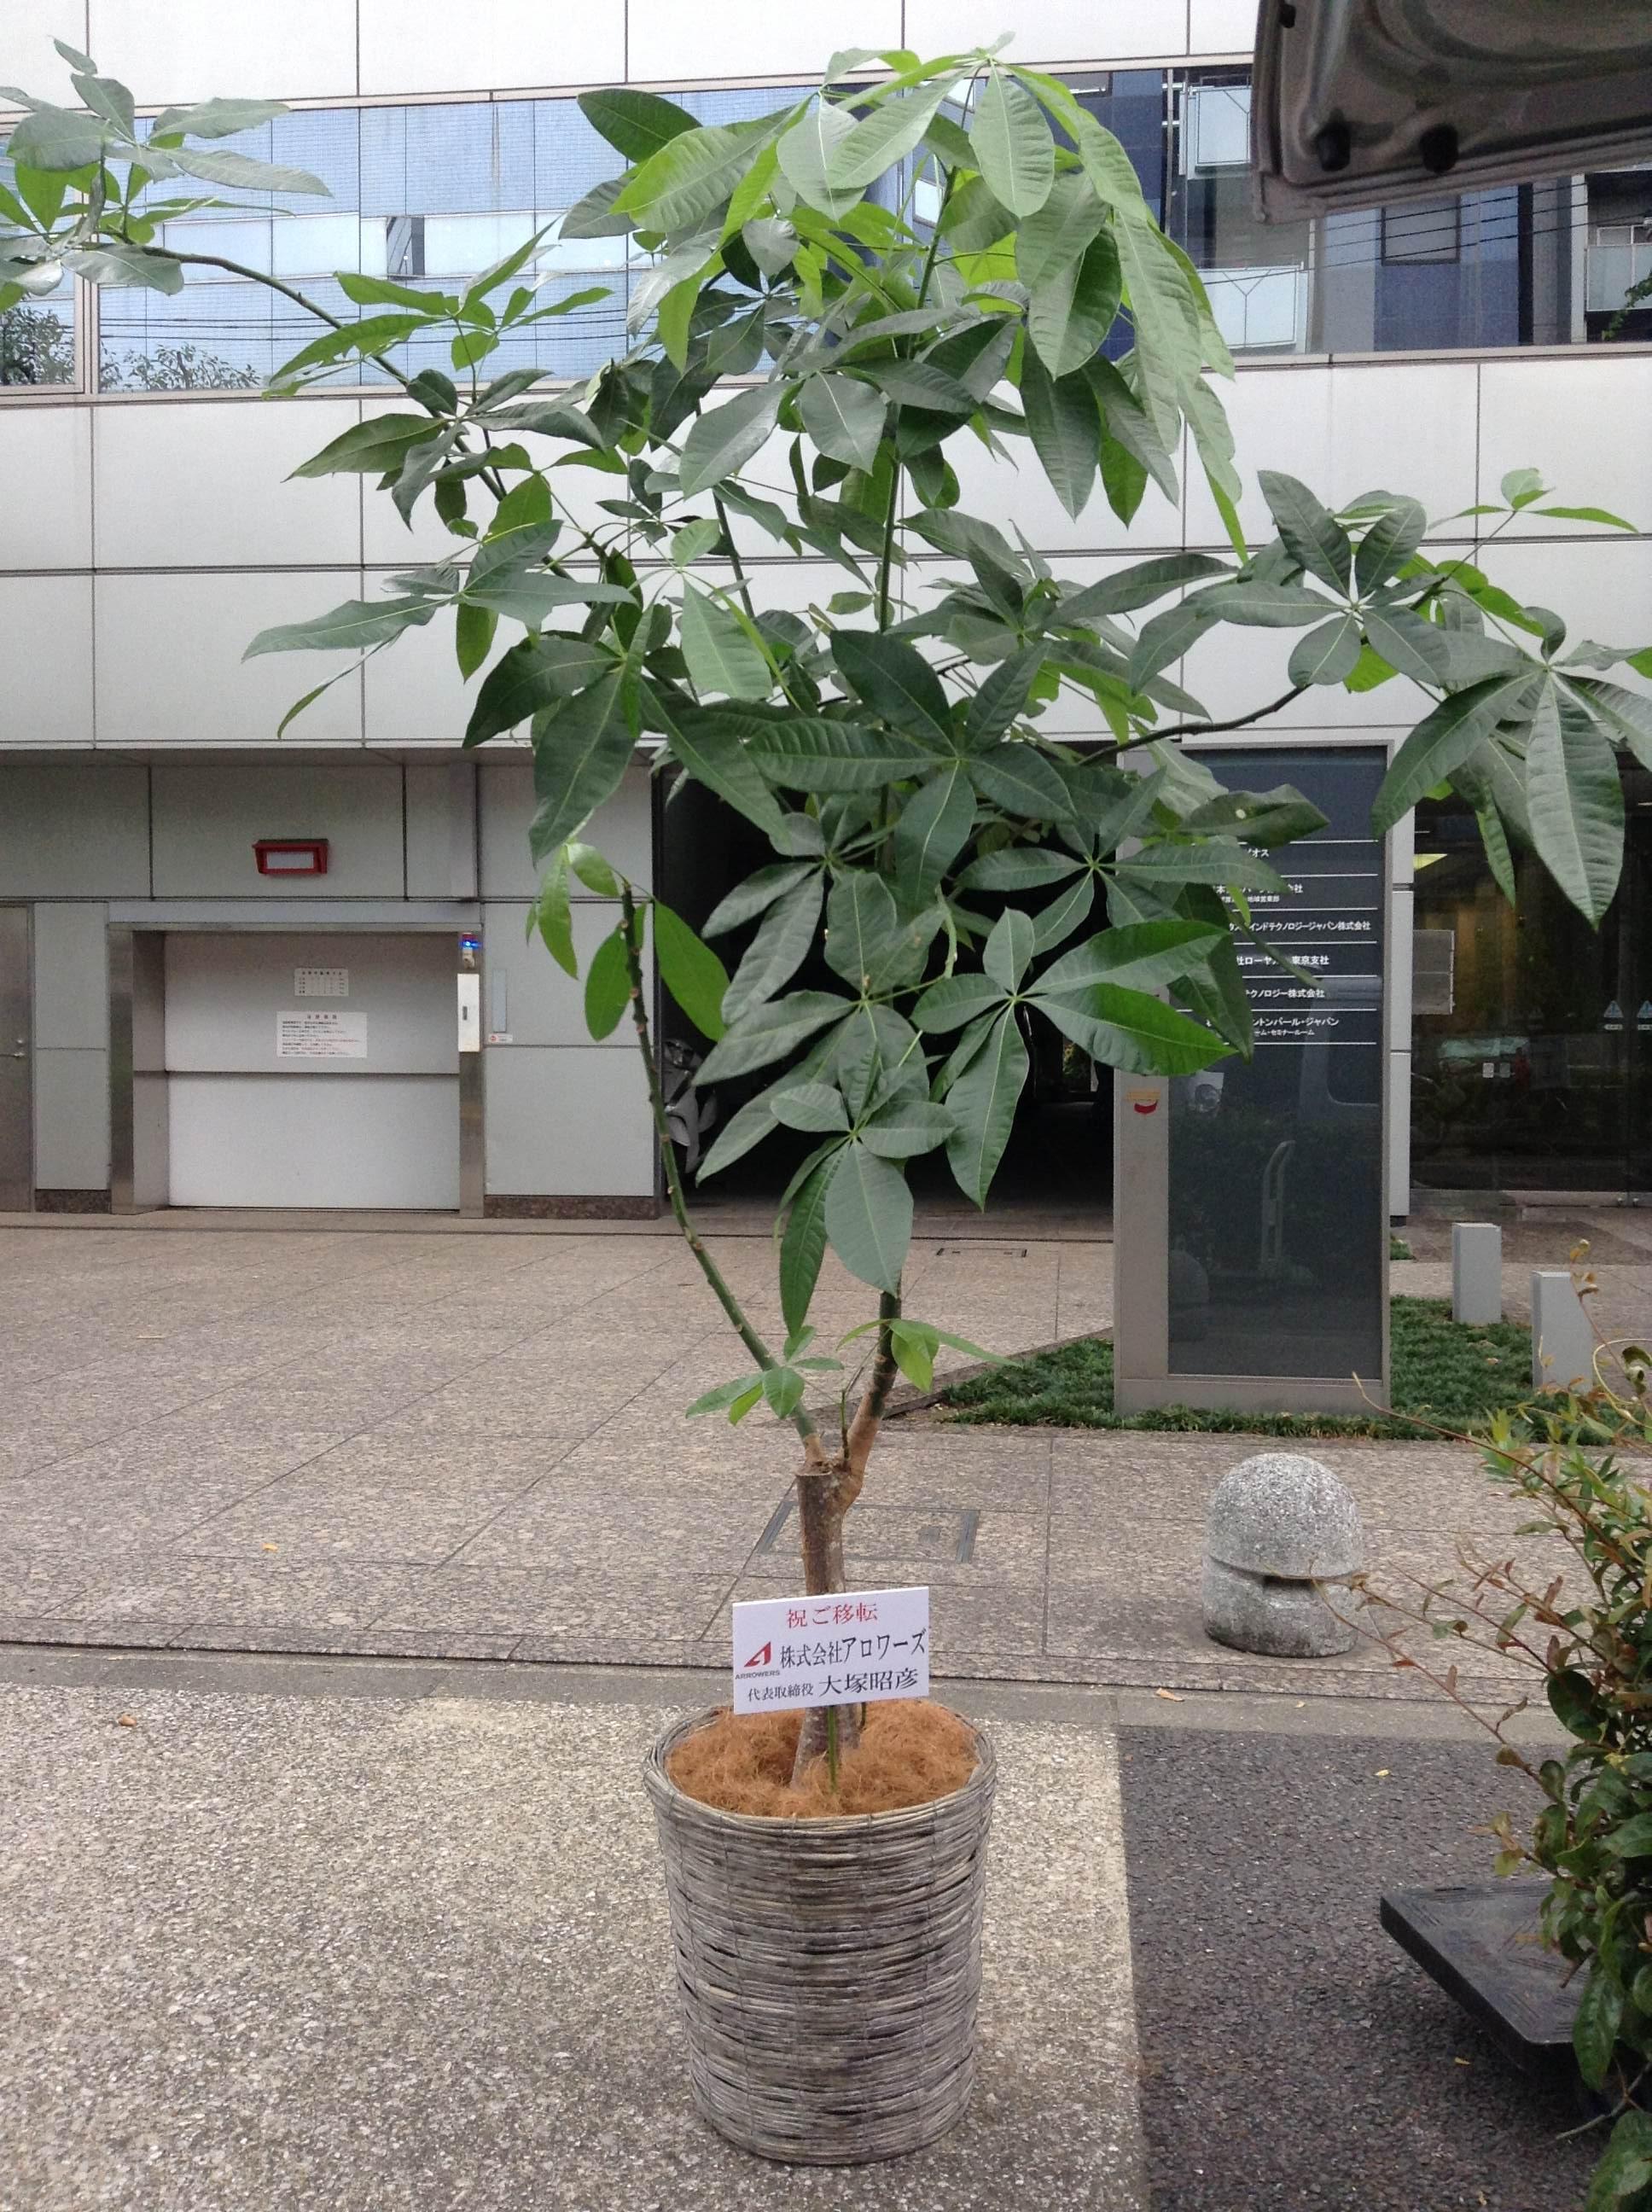 パキラ(幹太タイプ)